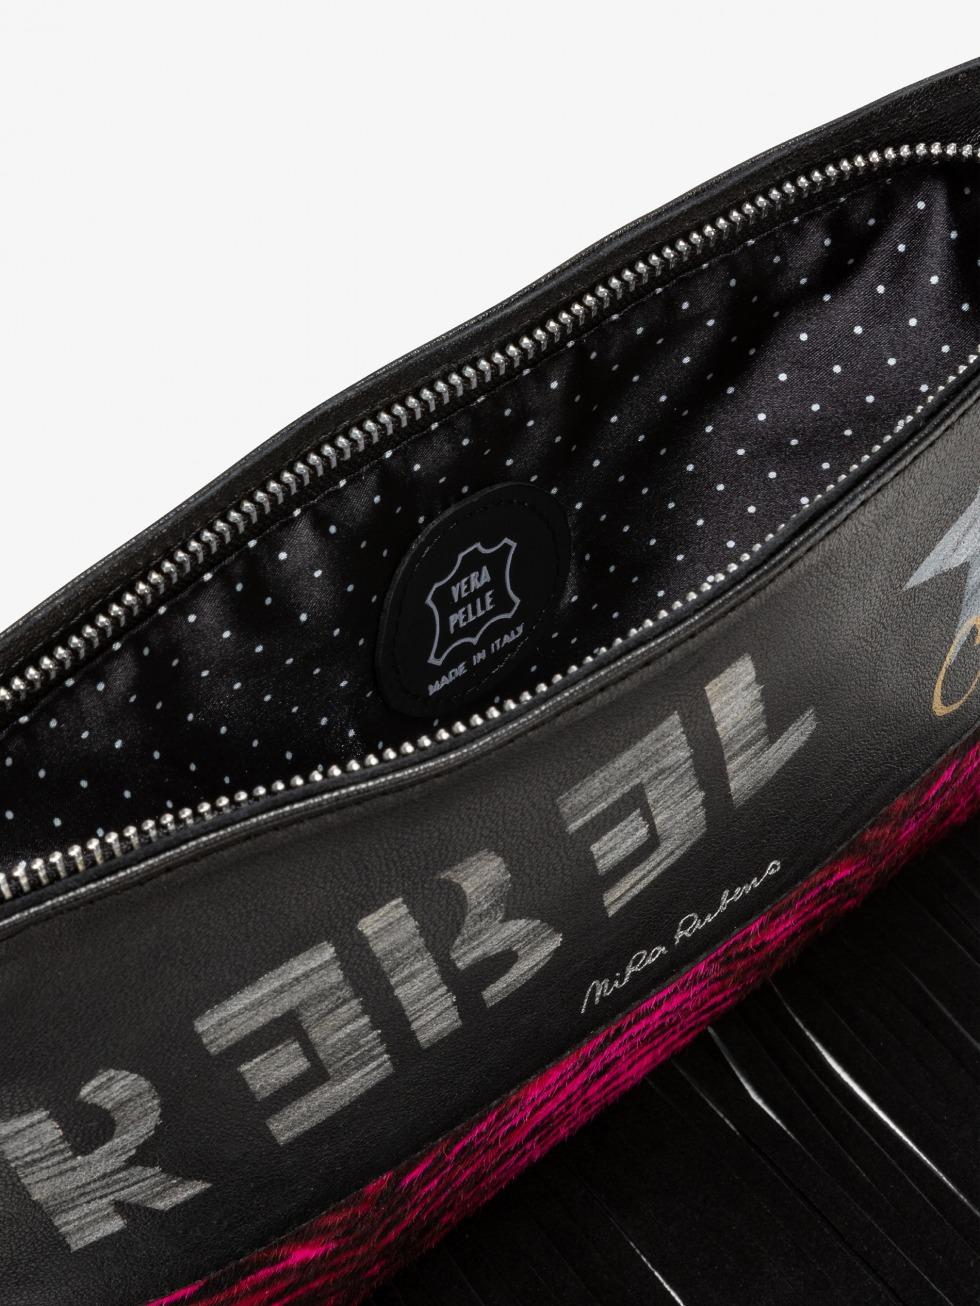 Fringed Minibag - Pink Tigretta